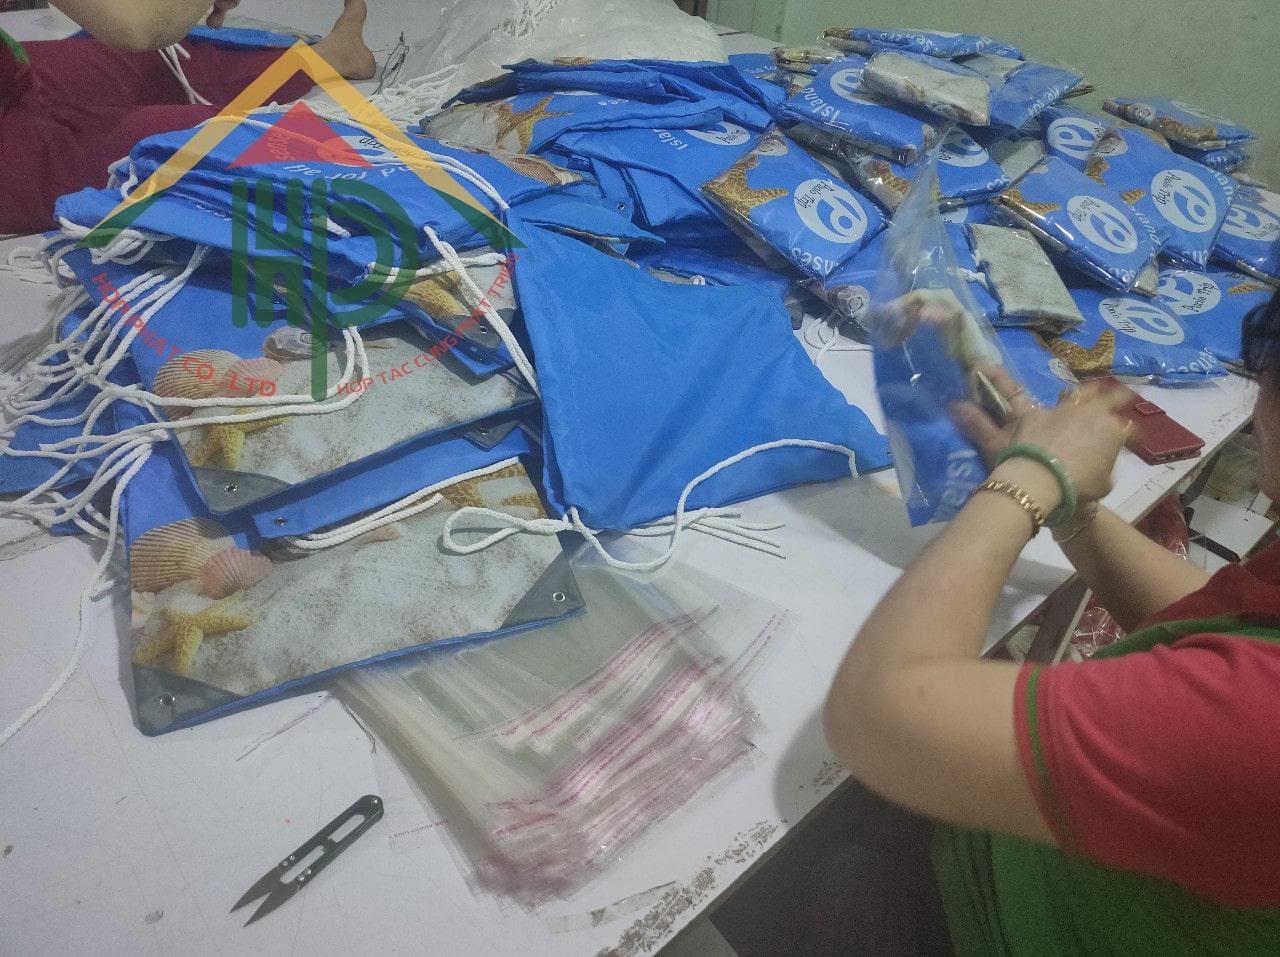 Kiểm tra chất lượng trước khi đóng gói sản phẩm balo dây rút Puolo Trip